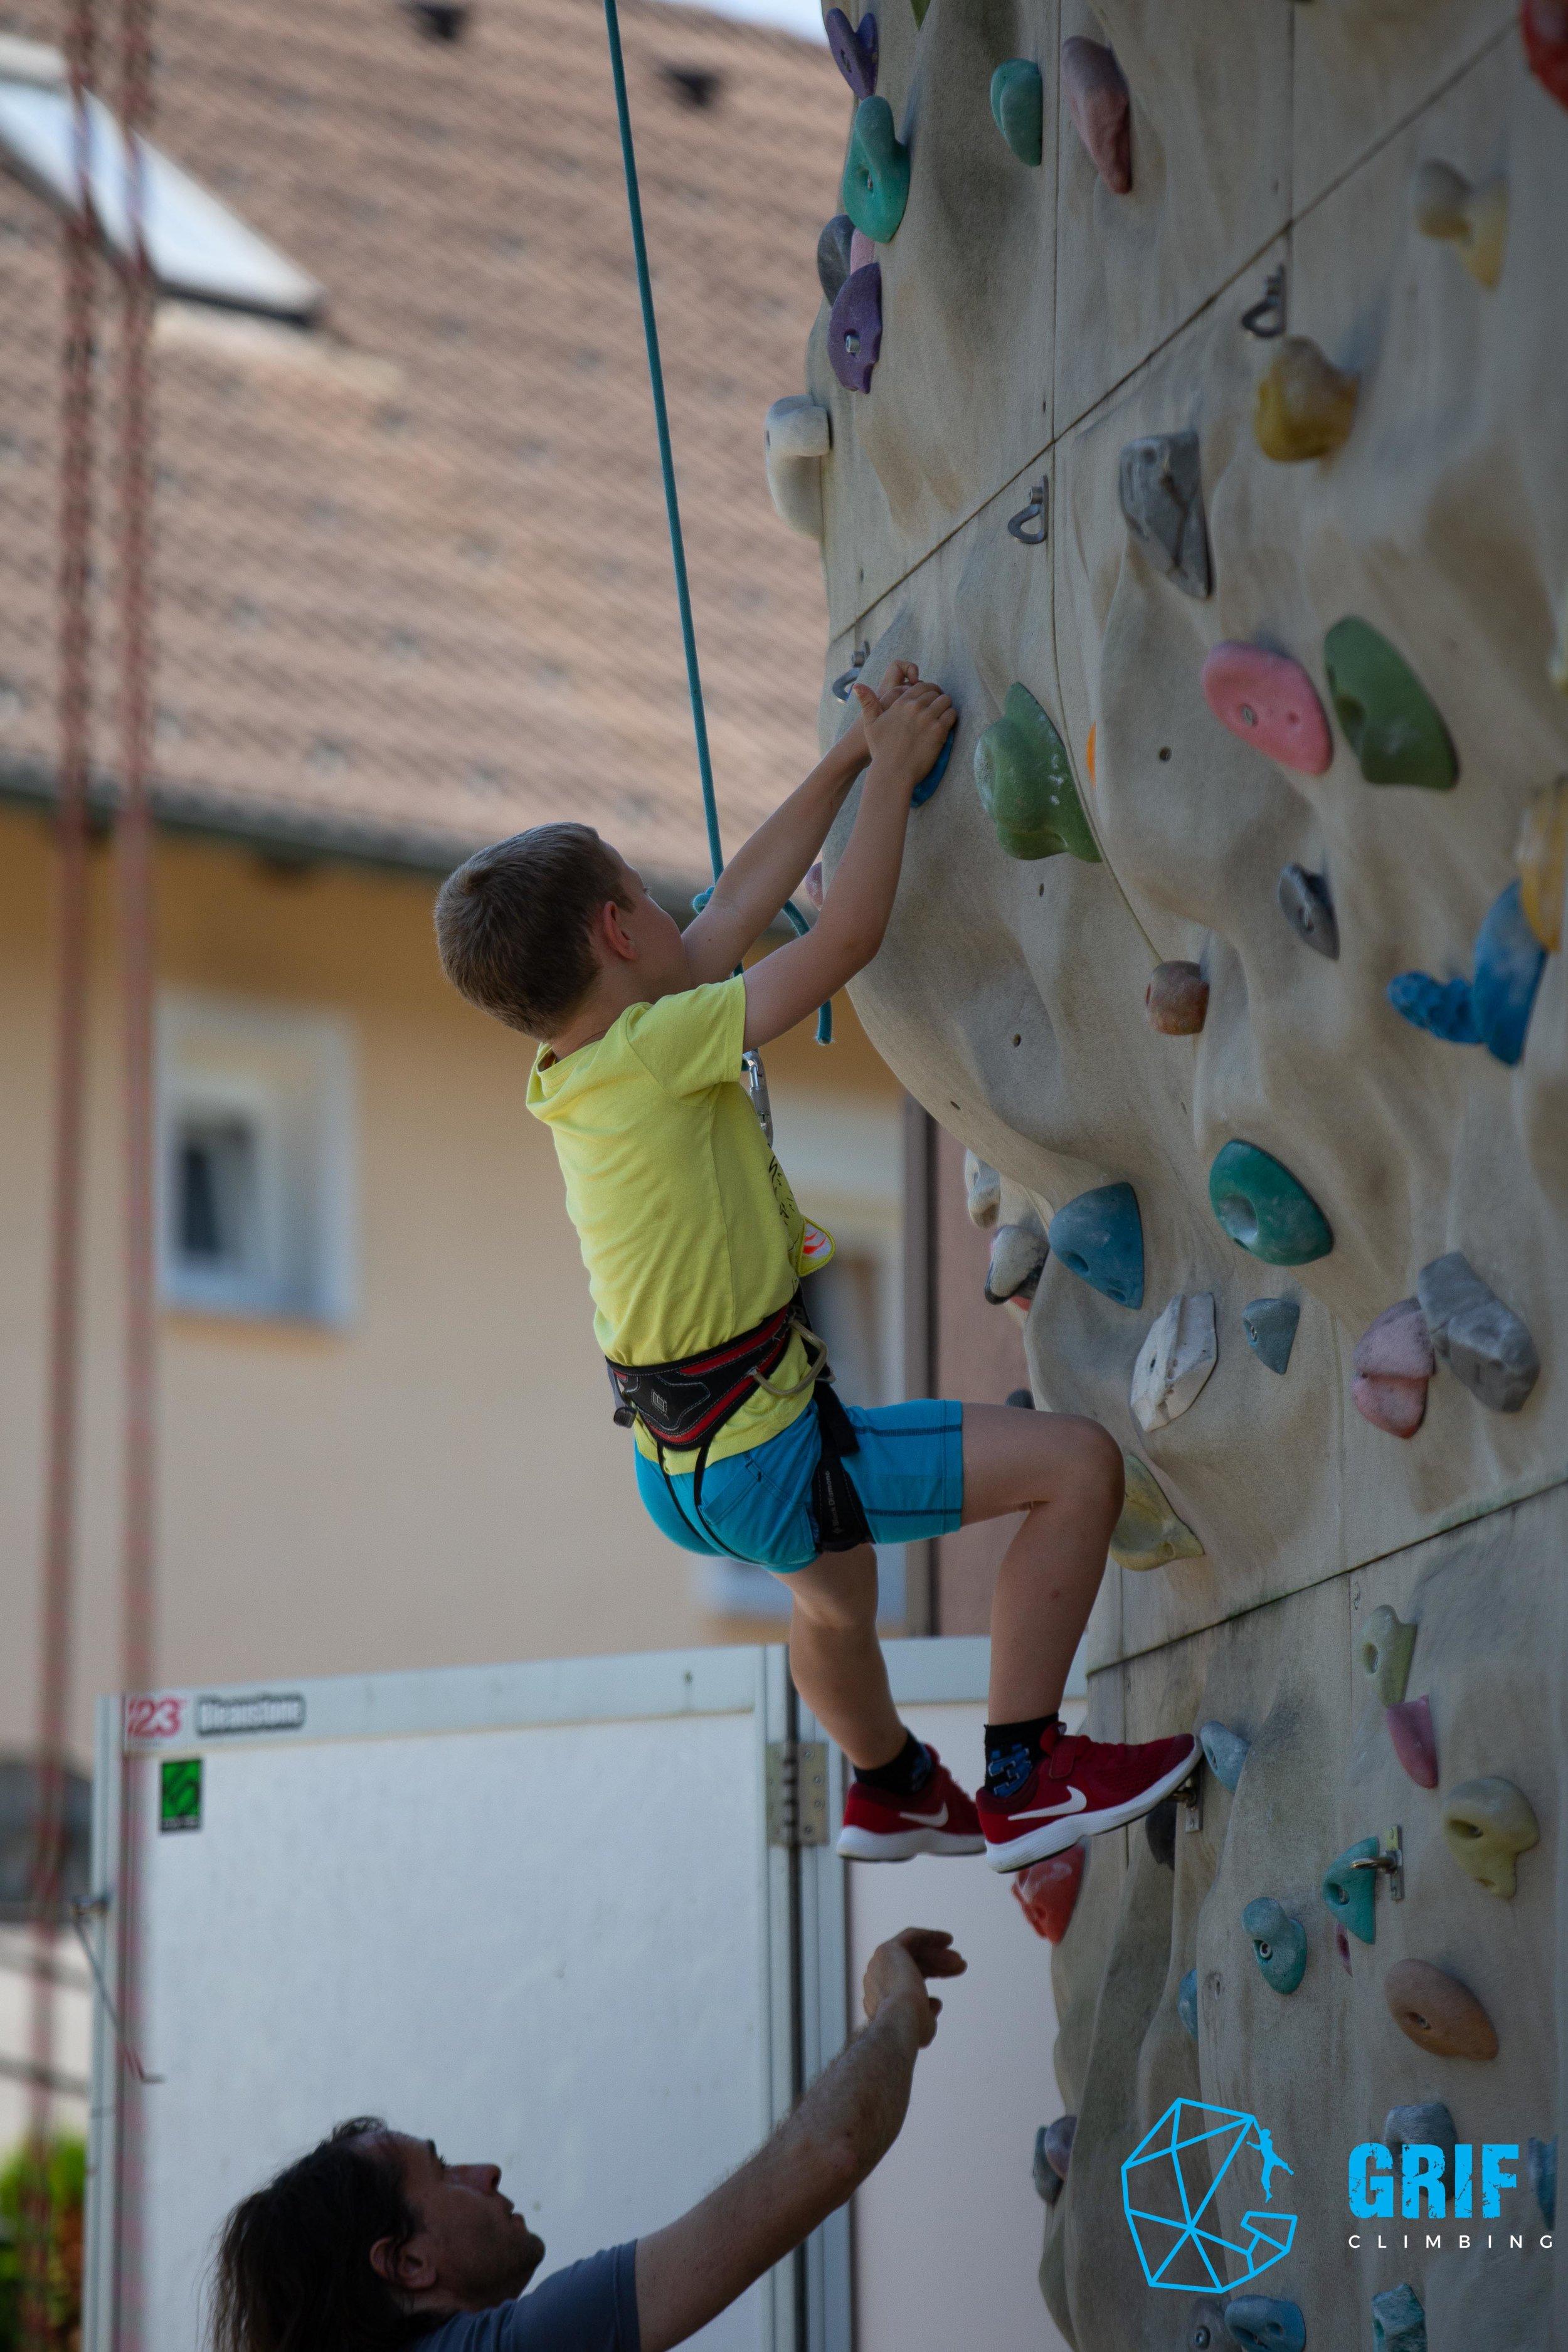 Aktivno počitniško varstvo za otroke Plezalno društvo Grif130.jpg